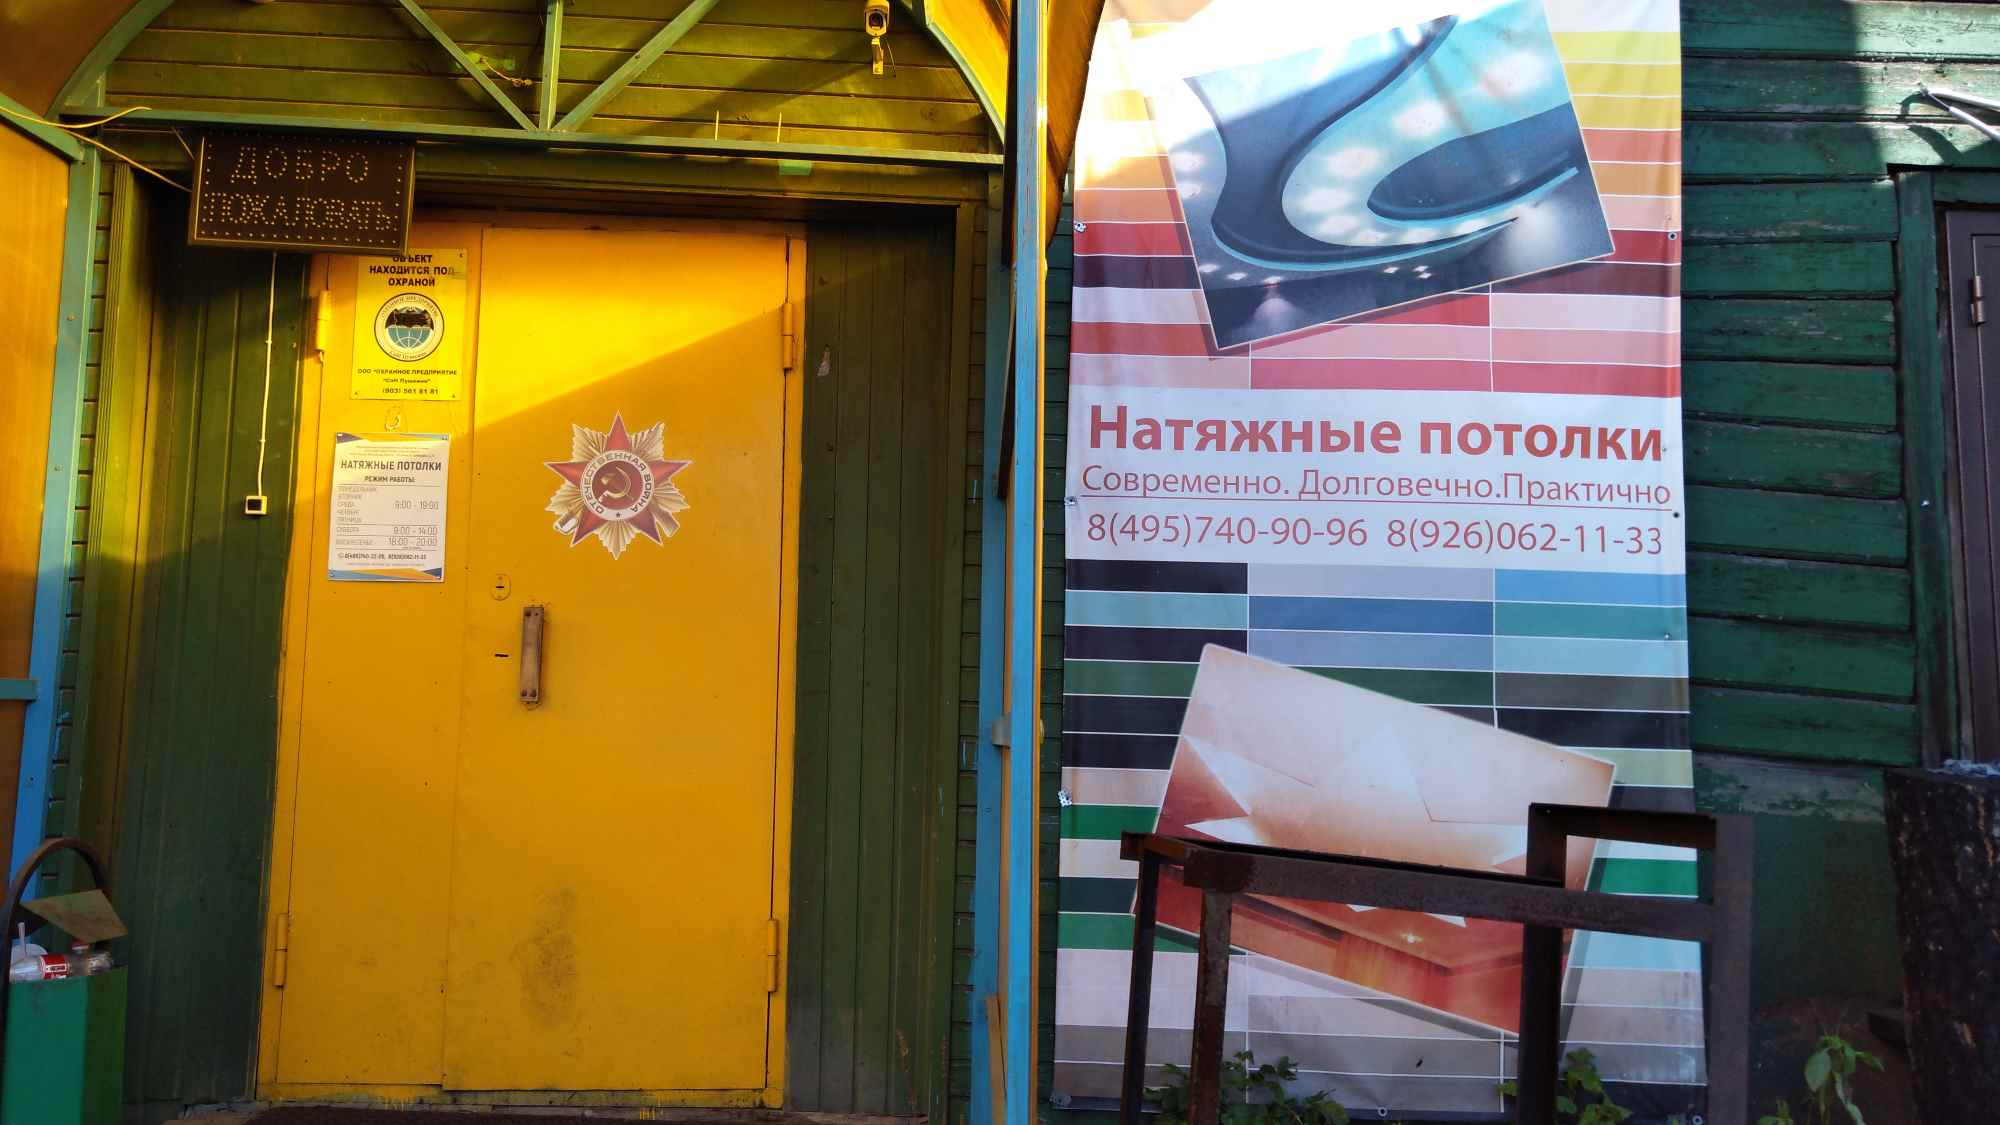 Проход к офису Ecco-House.ru